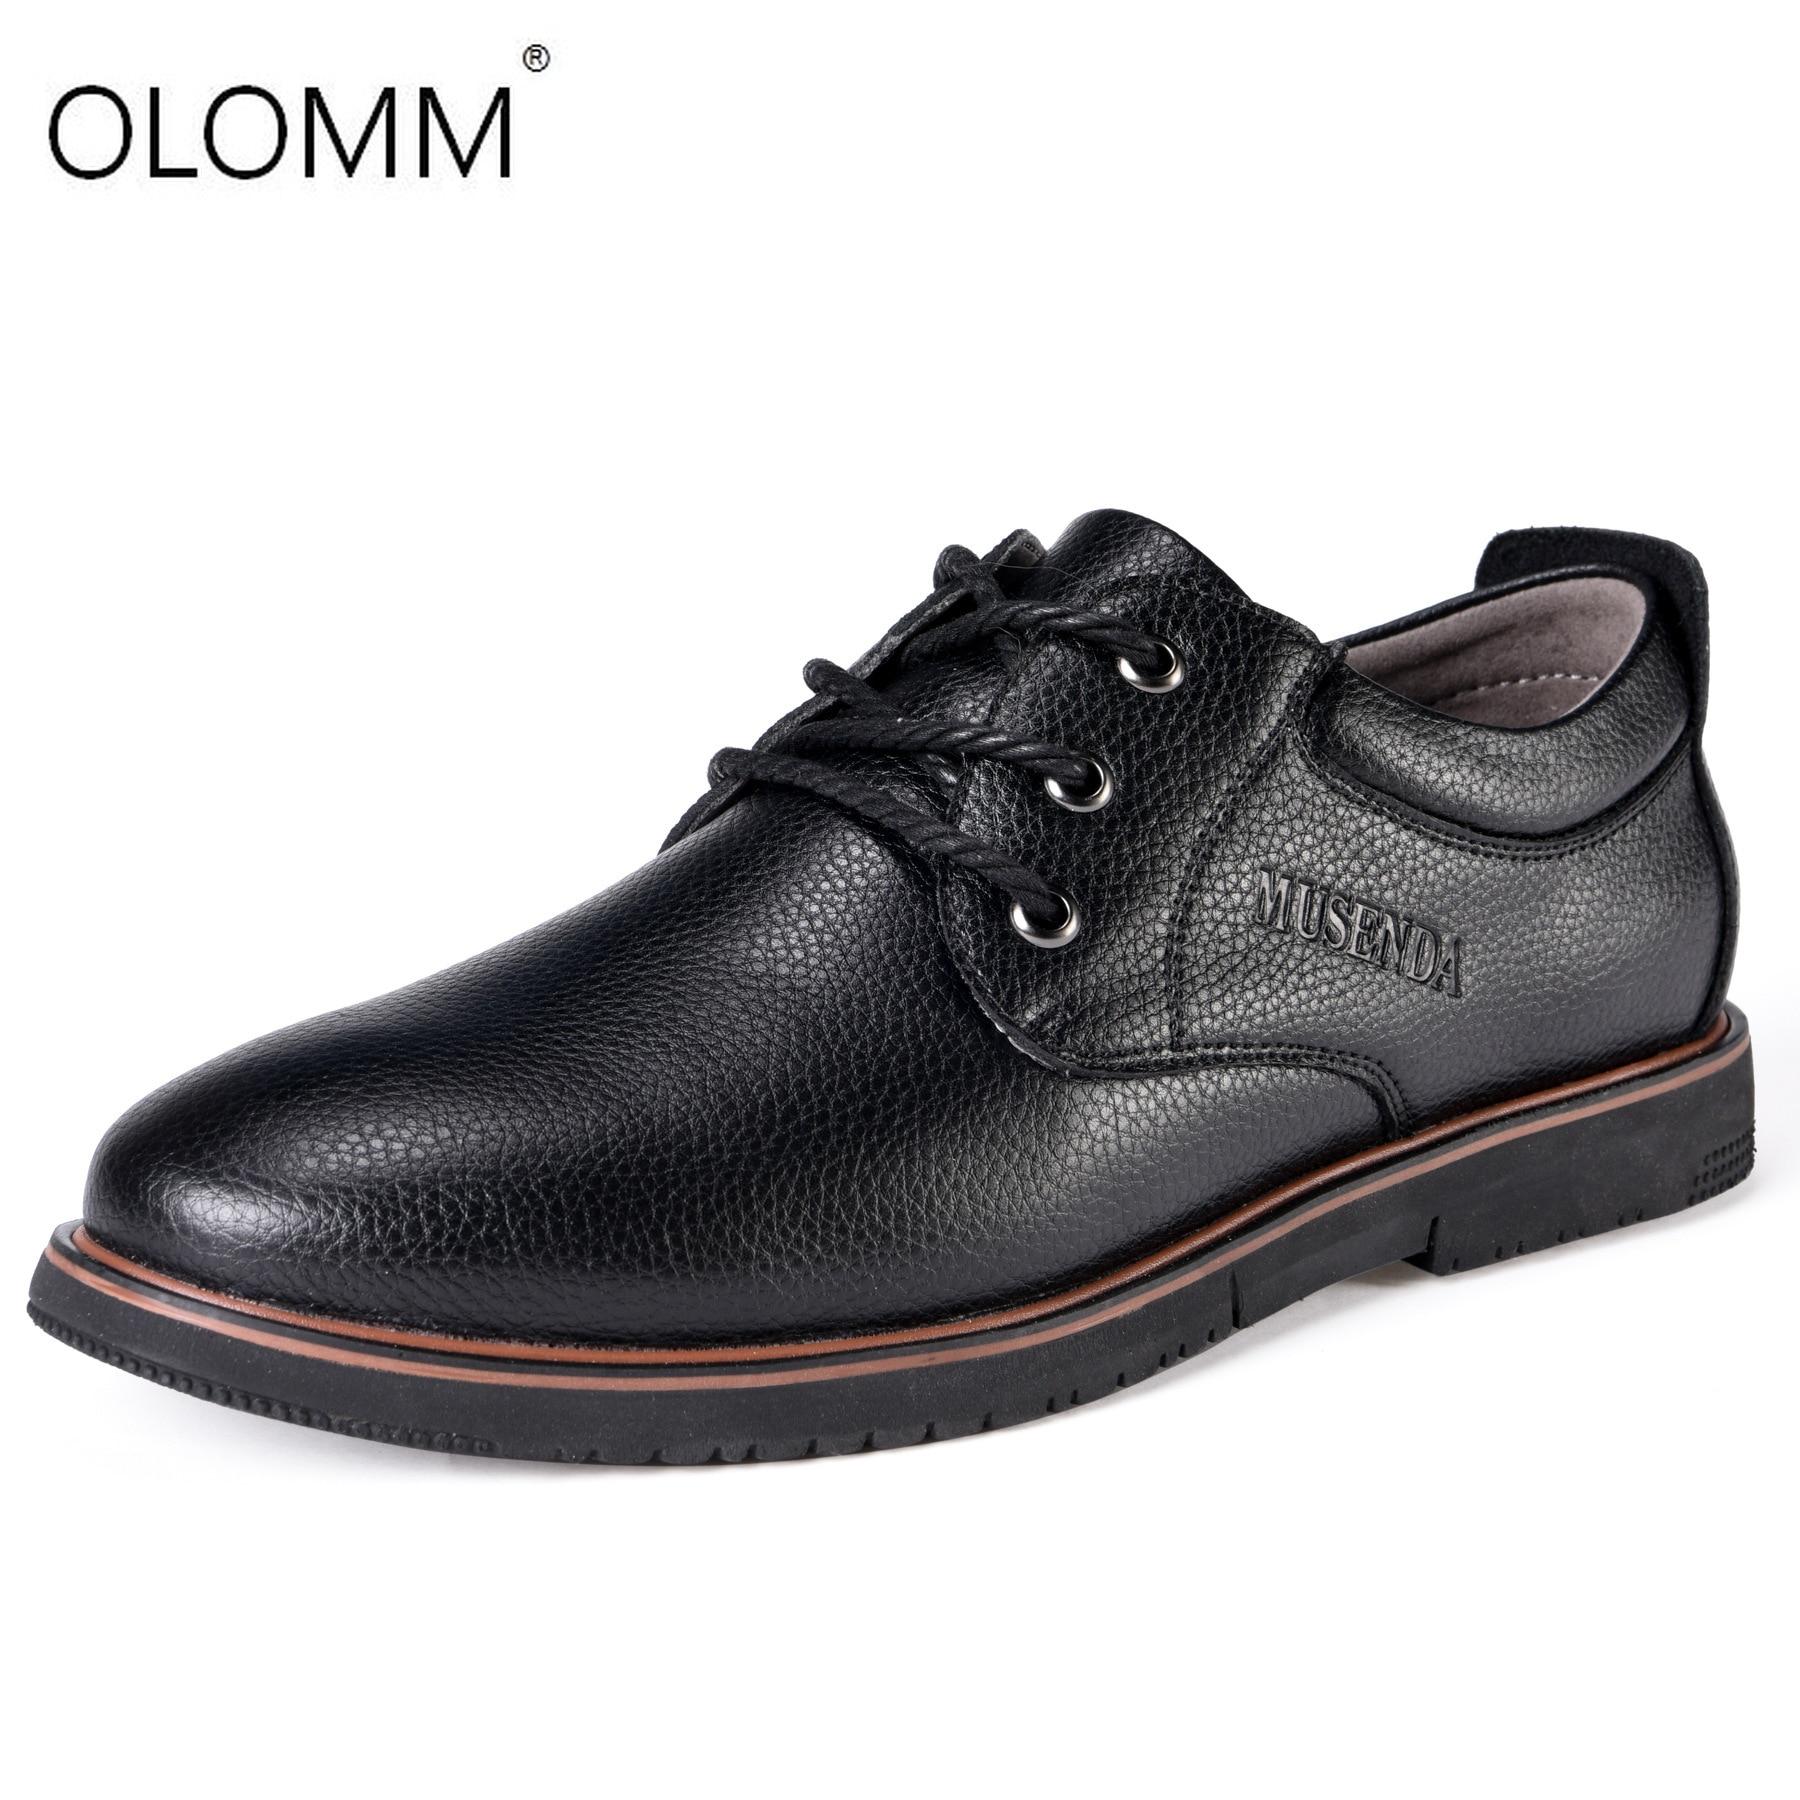 Nouvelle Grande Taille 38-47 Marque En Cuir Véritable Hommes Chaussures Printemps Oxford Chaussures Mode décontracté Concepteur Hommes Chaussures En Cuir Mocassins